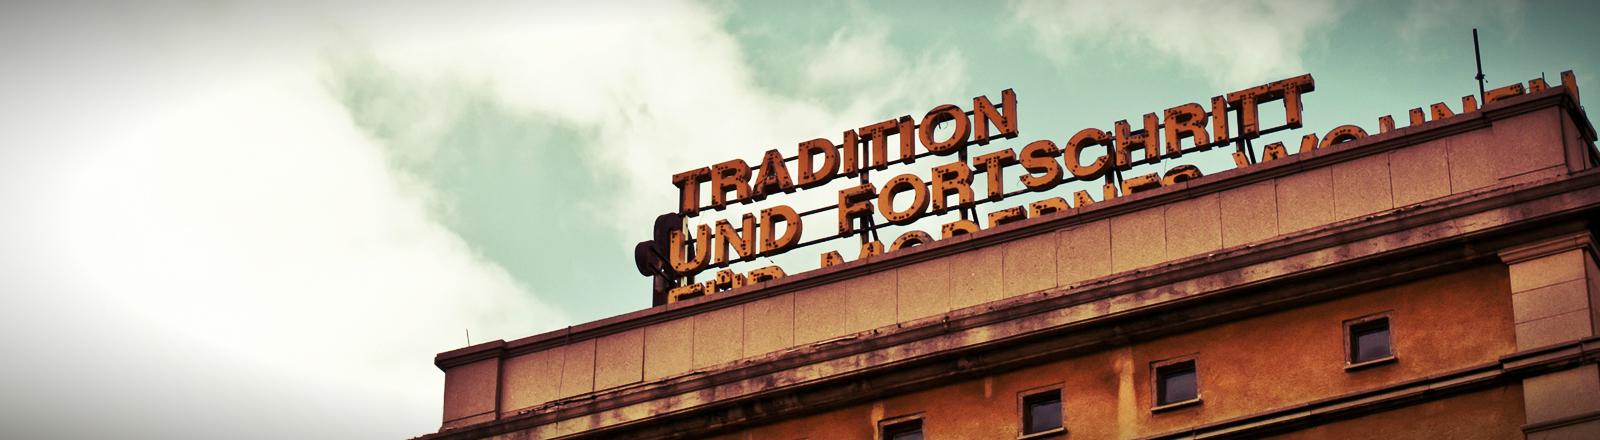 Auf einem Haus steht der Schriftzug Tradition und Fortschritt